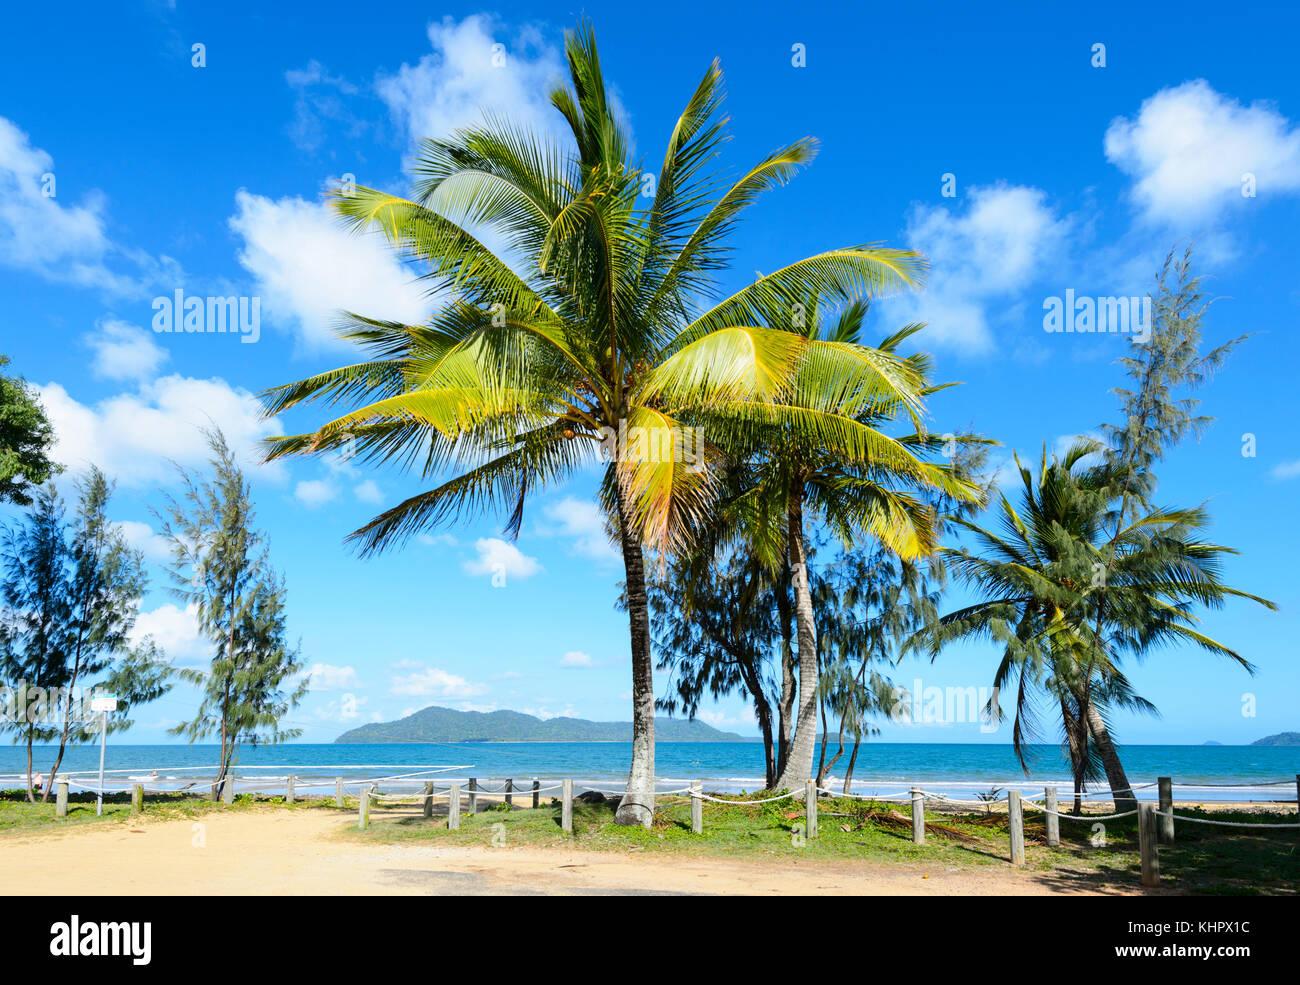 Avis de bordées de palmiers exotiques Sud Mission Beach sur la mer de corail, l'extrême nord du Queensland, Photo Stock